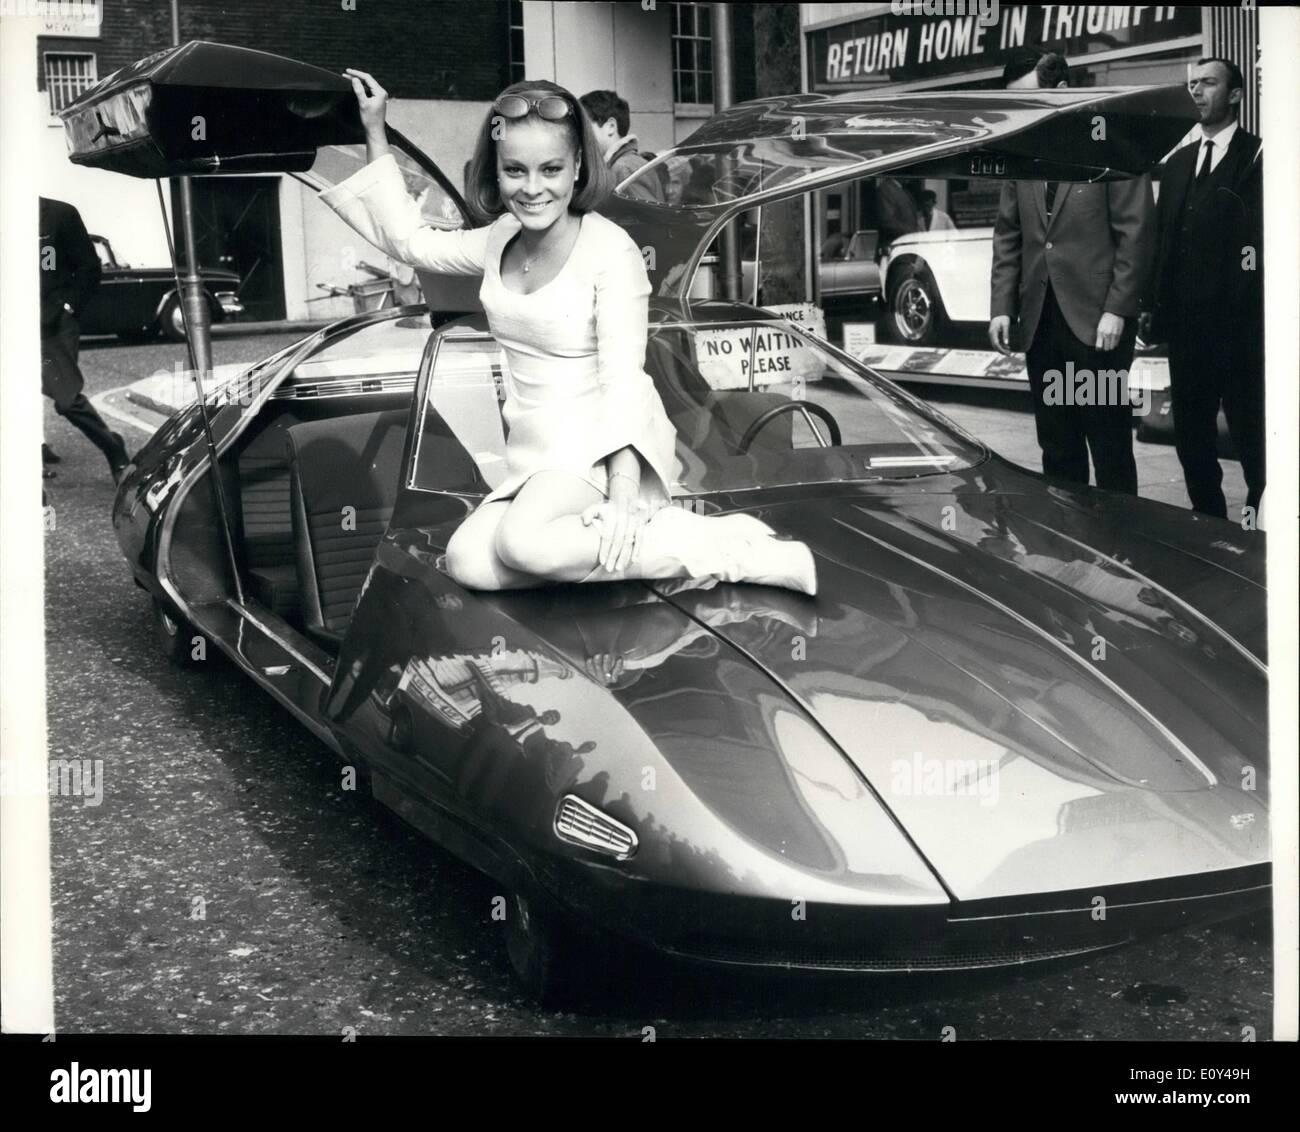 10 octobre 1968 - Graham Hill est un petit aperçu de la Doppelganger.: Race ace Graham Hill a tendance à nouveau et passionnant des voitures et à l'hôtel Hilton aujourd'hui il avait un aperçu de la voiture que vous ne verrez pas à l'automobile. C'est ce qu'on appelle le double et il en coûte plus de 10 000 £. Mais n'atteignent pas pour vérifier votre livre parce que vous ne pouvez pas acheter un. Le double a été construit spécialement pour le film Gerry Anderson de ce nom. C'est un espace d'exploration d'âge Ensemble de théâtre dans la dernière décennie du siècle avec Ian Hendry, Patrick Wymark, Leni von Friedl, Roy Thinnes et Lynn Loring Photo Stock